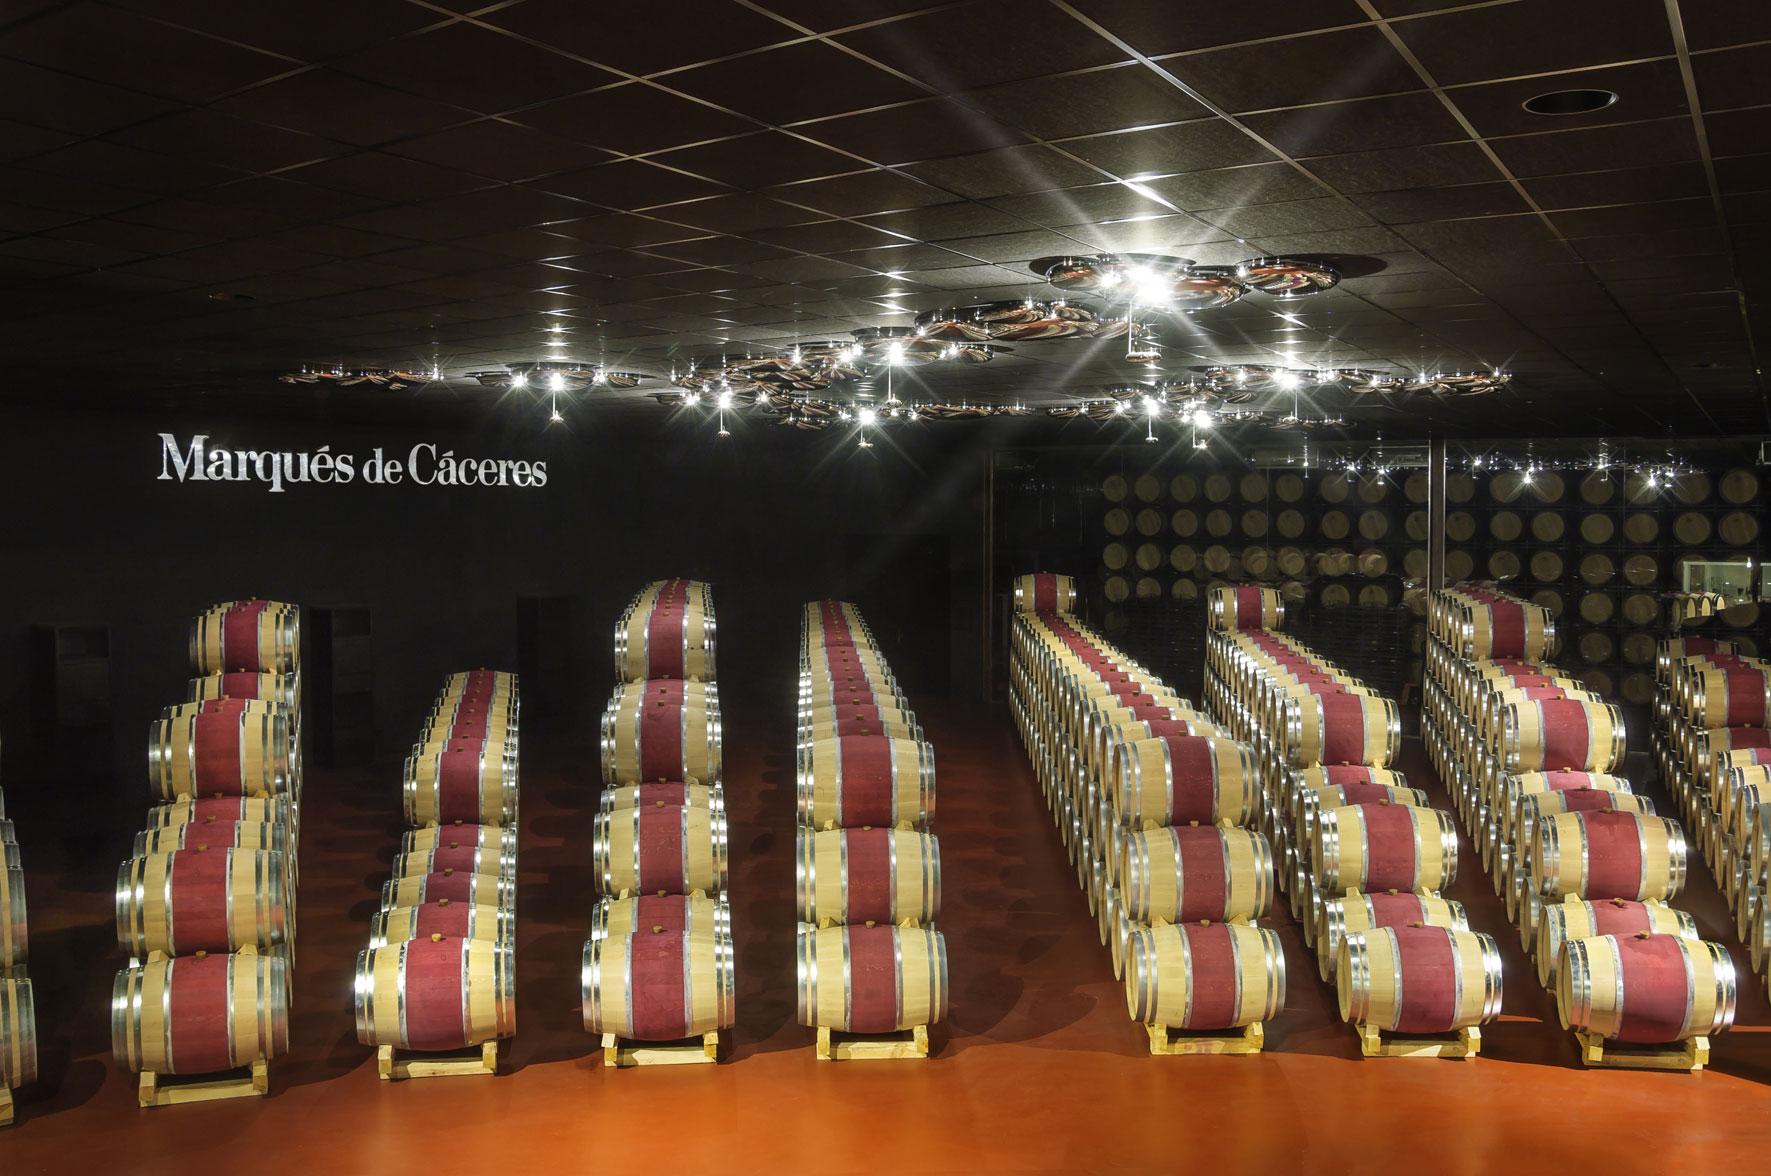 In diesem edlen Weinkeller reift der große Gaudium von Marqués de Cáceres zur Vollendung.